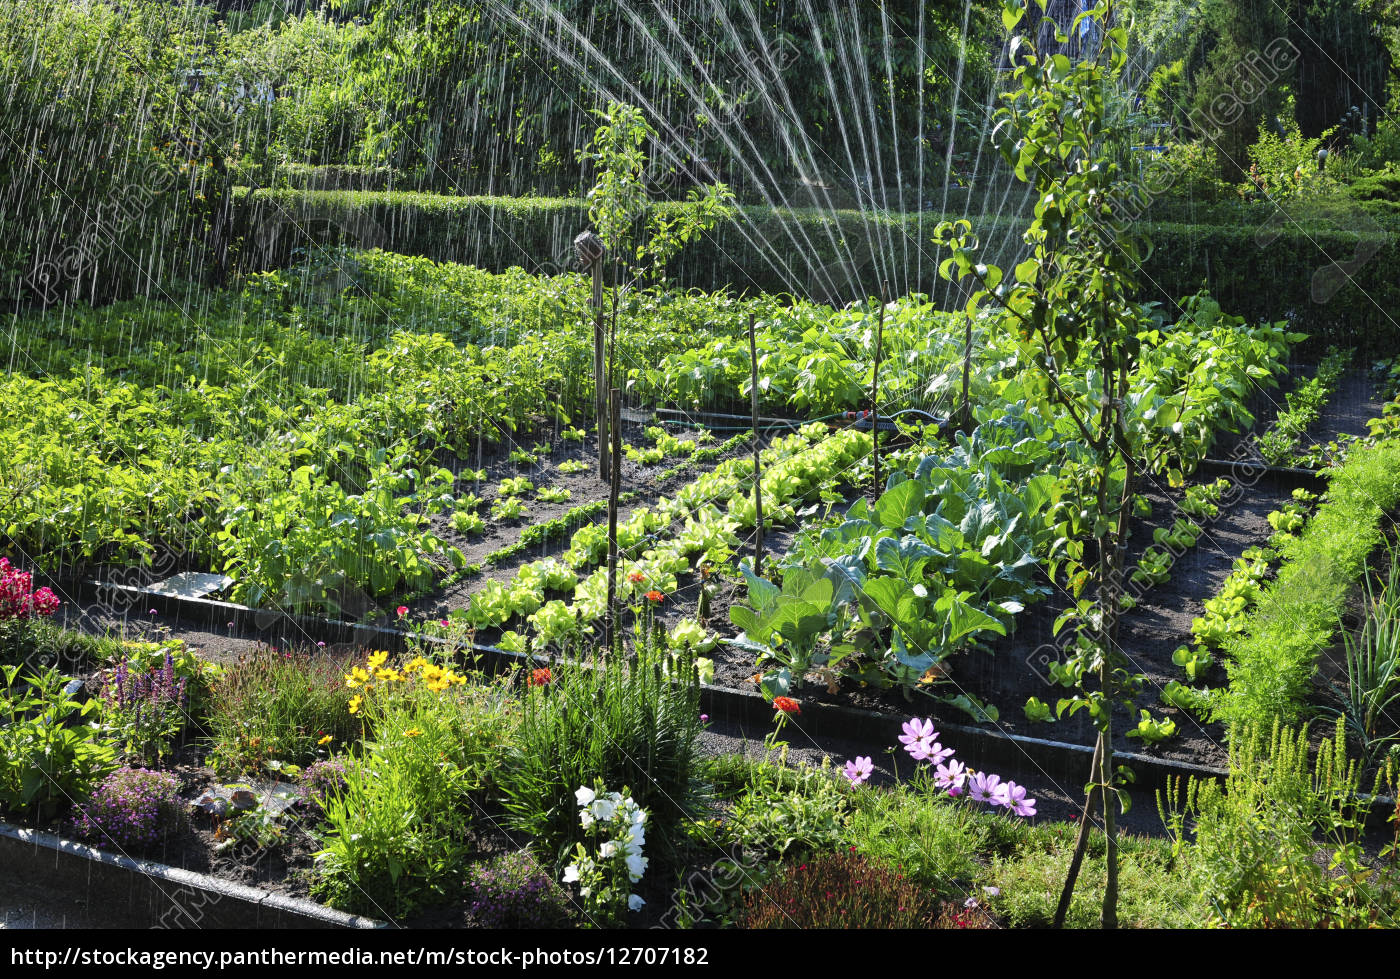 natur wasser garten obst pflanzen gem se frucht kr uter stock photo 12707182 bildagentur. Black Bedroom Furniture Sets. Home Design Ideas